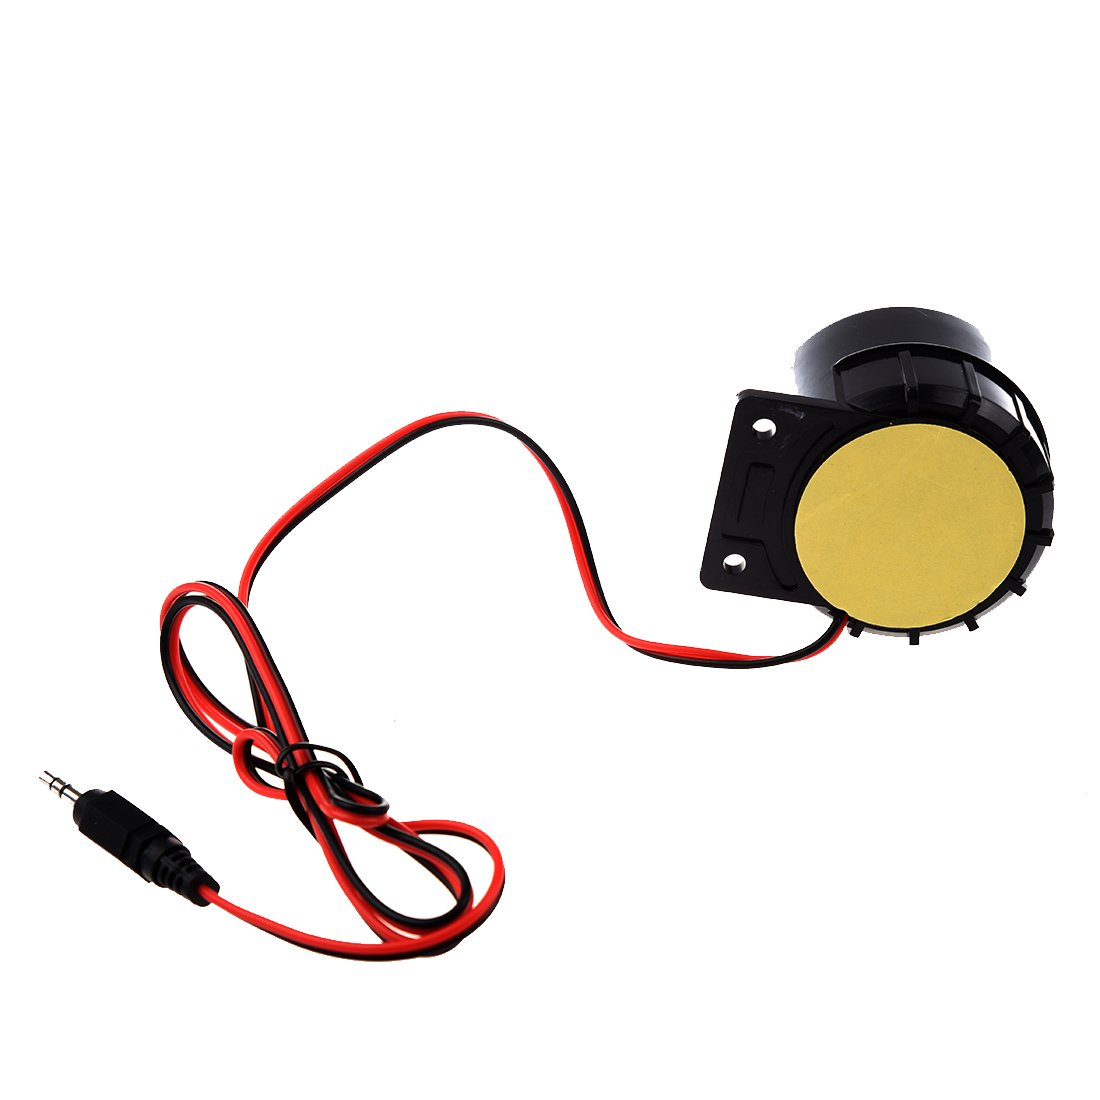 Semoic Mini Sirena con cable para sistema de alarma de seguridad de casa Sirena de bocina 120dB 12V